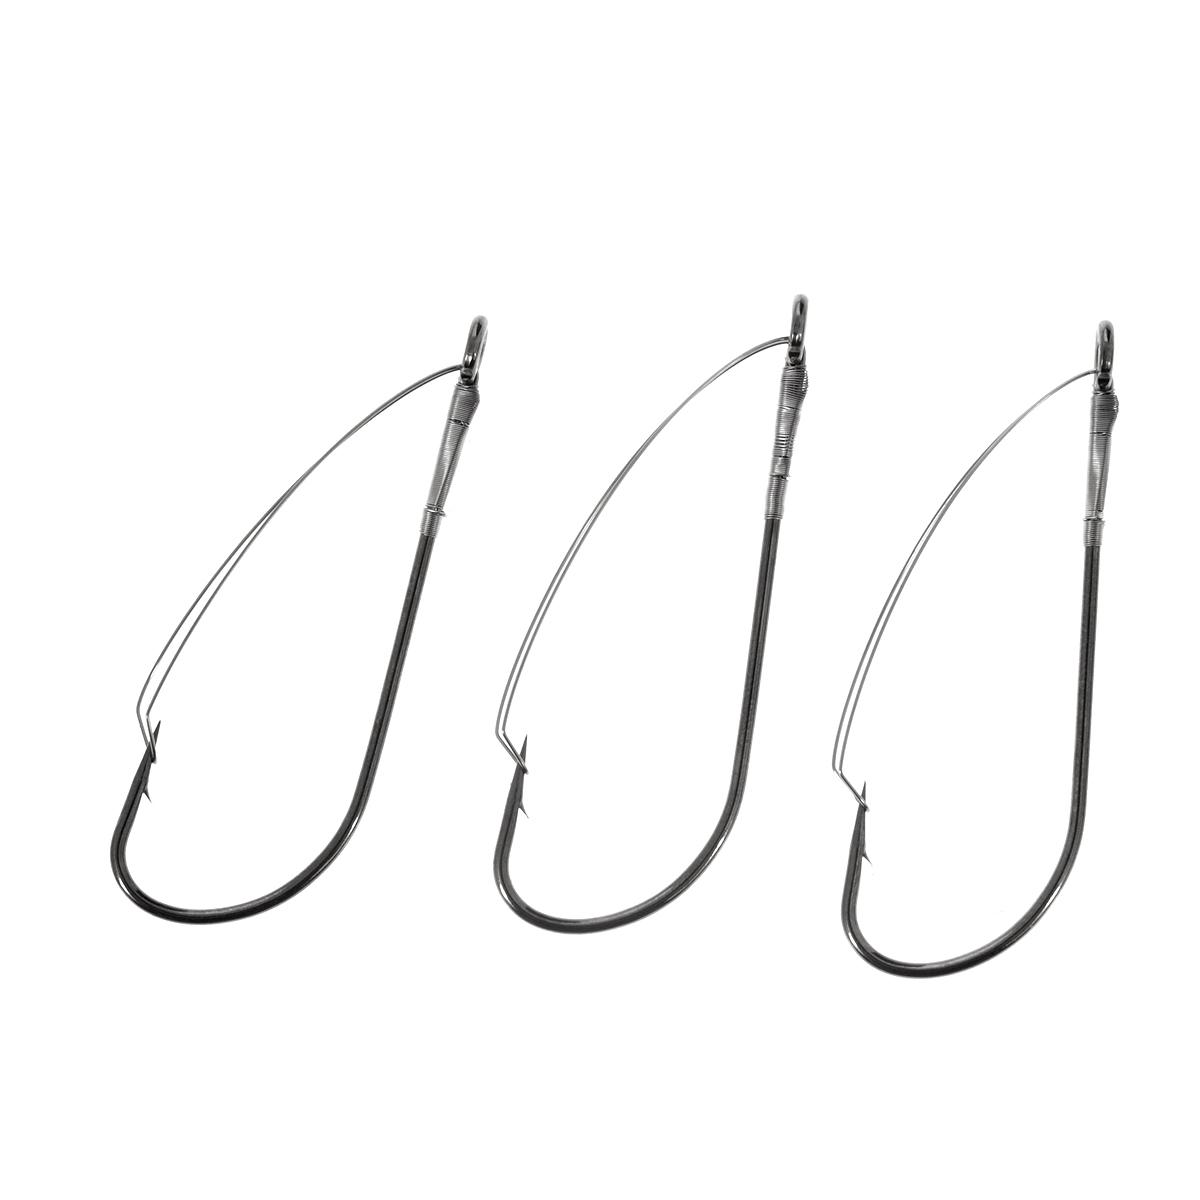 Крючки рыболовные Cobra Weedless, цвет: черный, размер 2/0, 3 штГризлиCobra Weedless - серия крючков c проволочной защитой. Идеальный вариант для ловли крупной рыбы в местах, где возможны частые зацепы и потеря приманок - коряжнике, среди водорослей и камней. Широко используются для оснащения блесен, снасточек, пластиковых и других приманок.